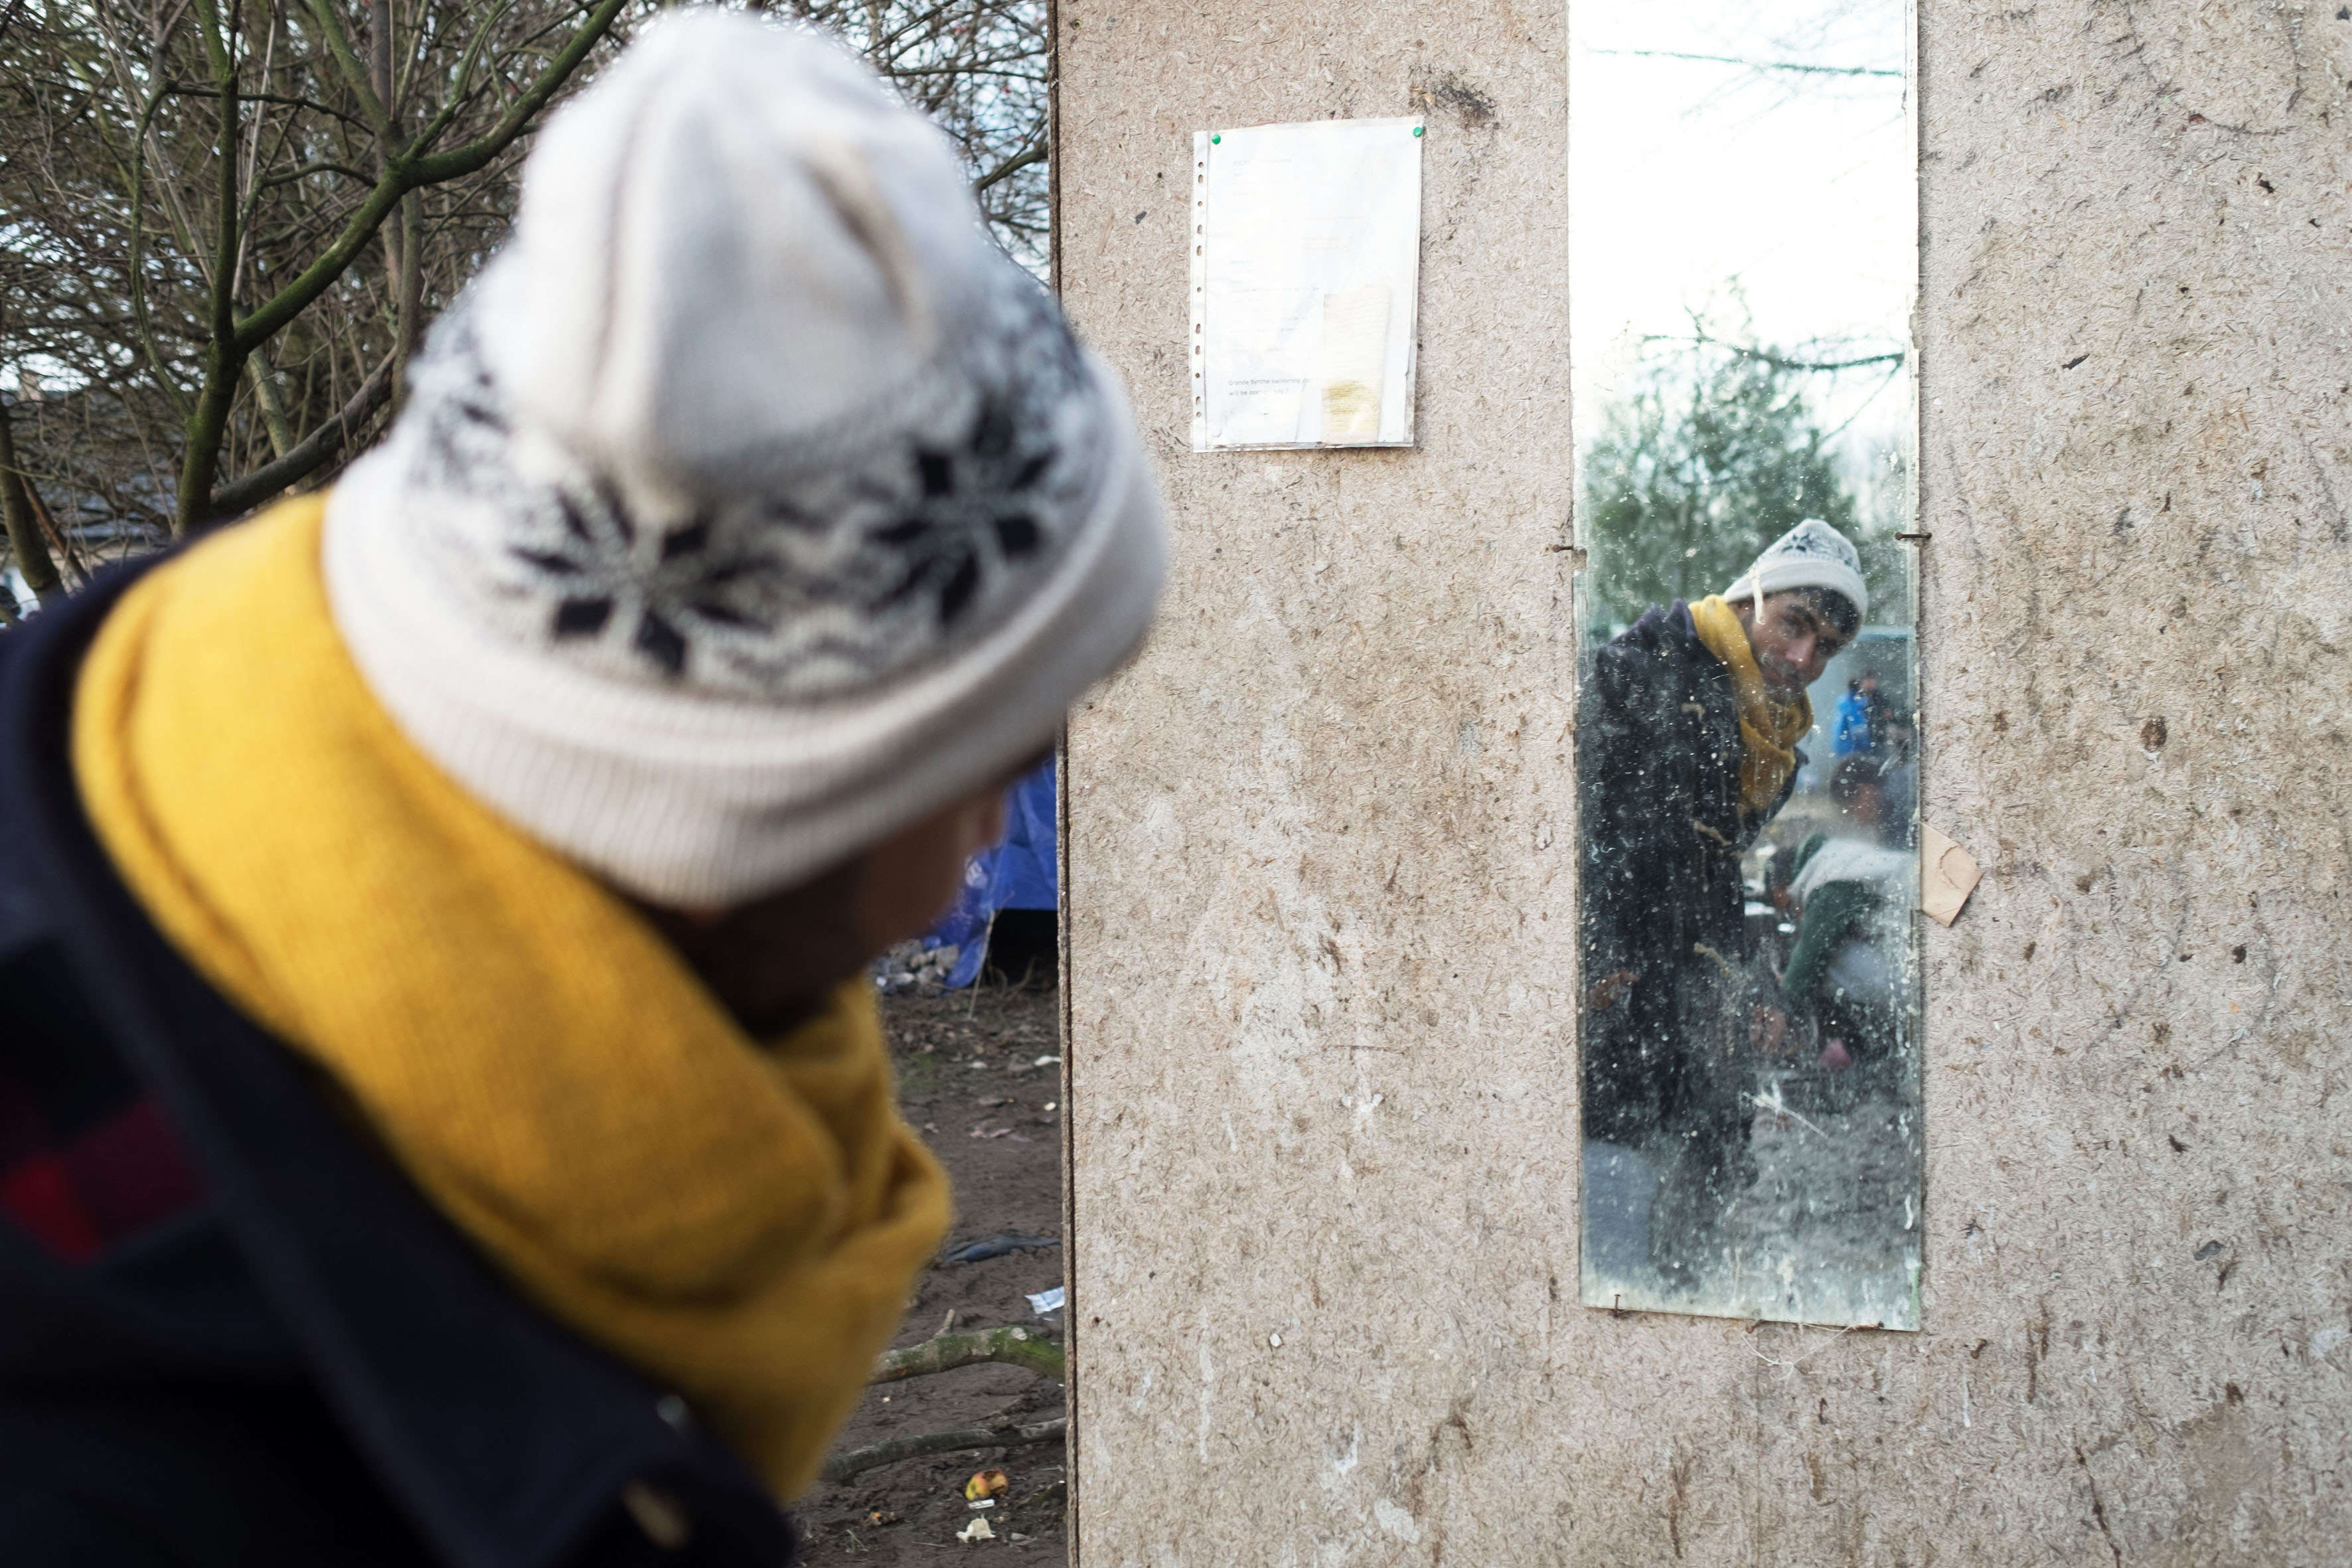 Planté au bout de nulle part à l'entrée du camp, ce miroir est une étape obligatoire. On s'y regarde avant de «sortir en ville», on s'y recoiffe. Comme un rappel de l'humanité perdue par cette vie dans la boue.